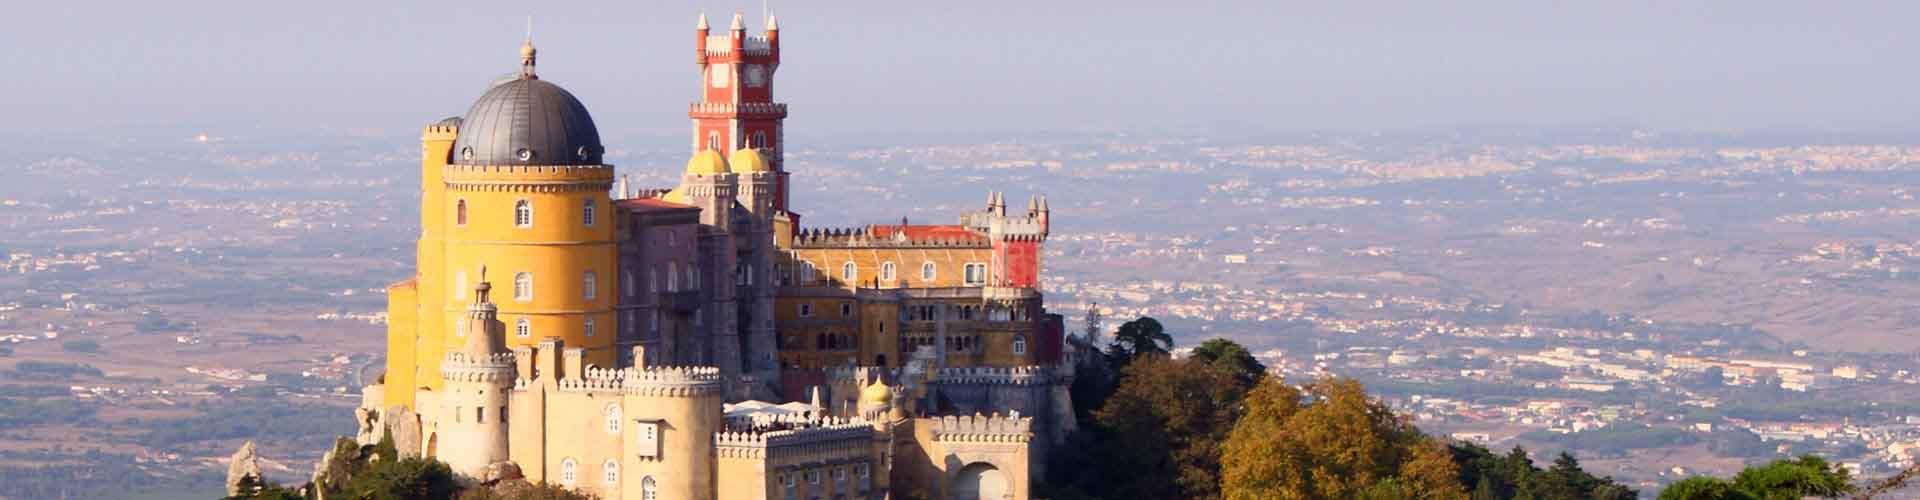 Sintra - Hoteles baratos en Sintra. Mapas de Sintra, Fotos y comentarios de cada Hotel en Sintra.